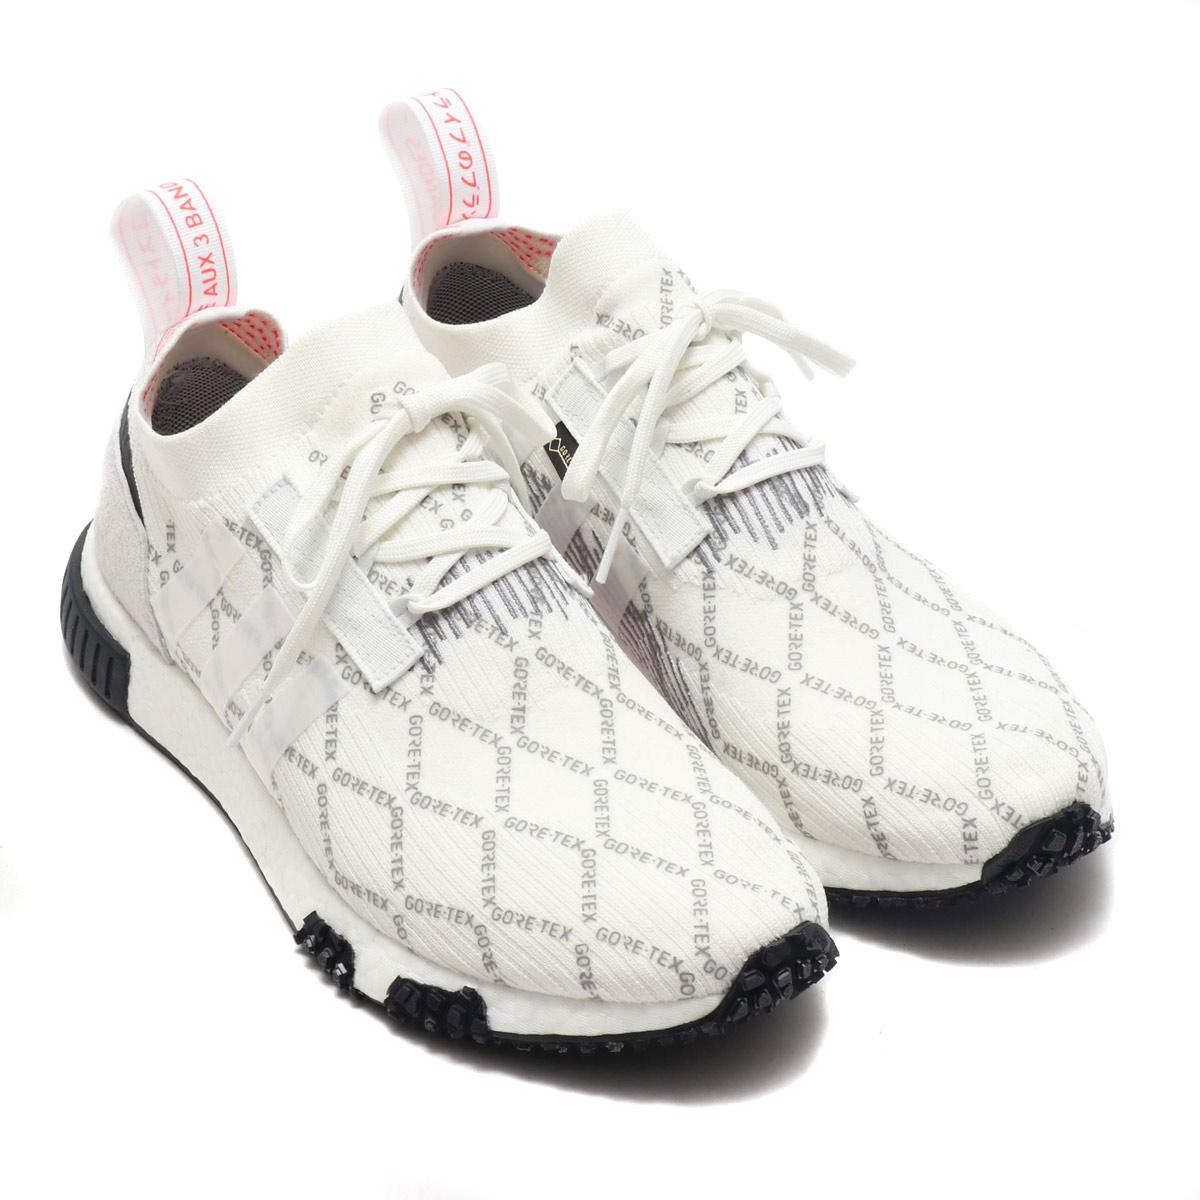 adidas Originals NMD_RACER GTX PK(アディダスオリジナルス NMD_レーサー GTX PK)RUNNING WHITE/RUNNING WHITE/SHOCK RED【メンズ スニーカー】19SS-I